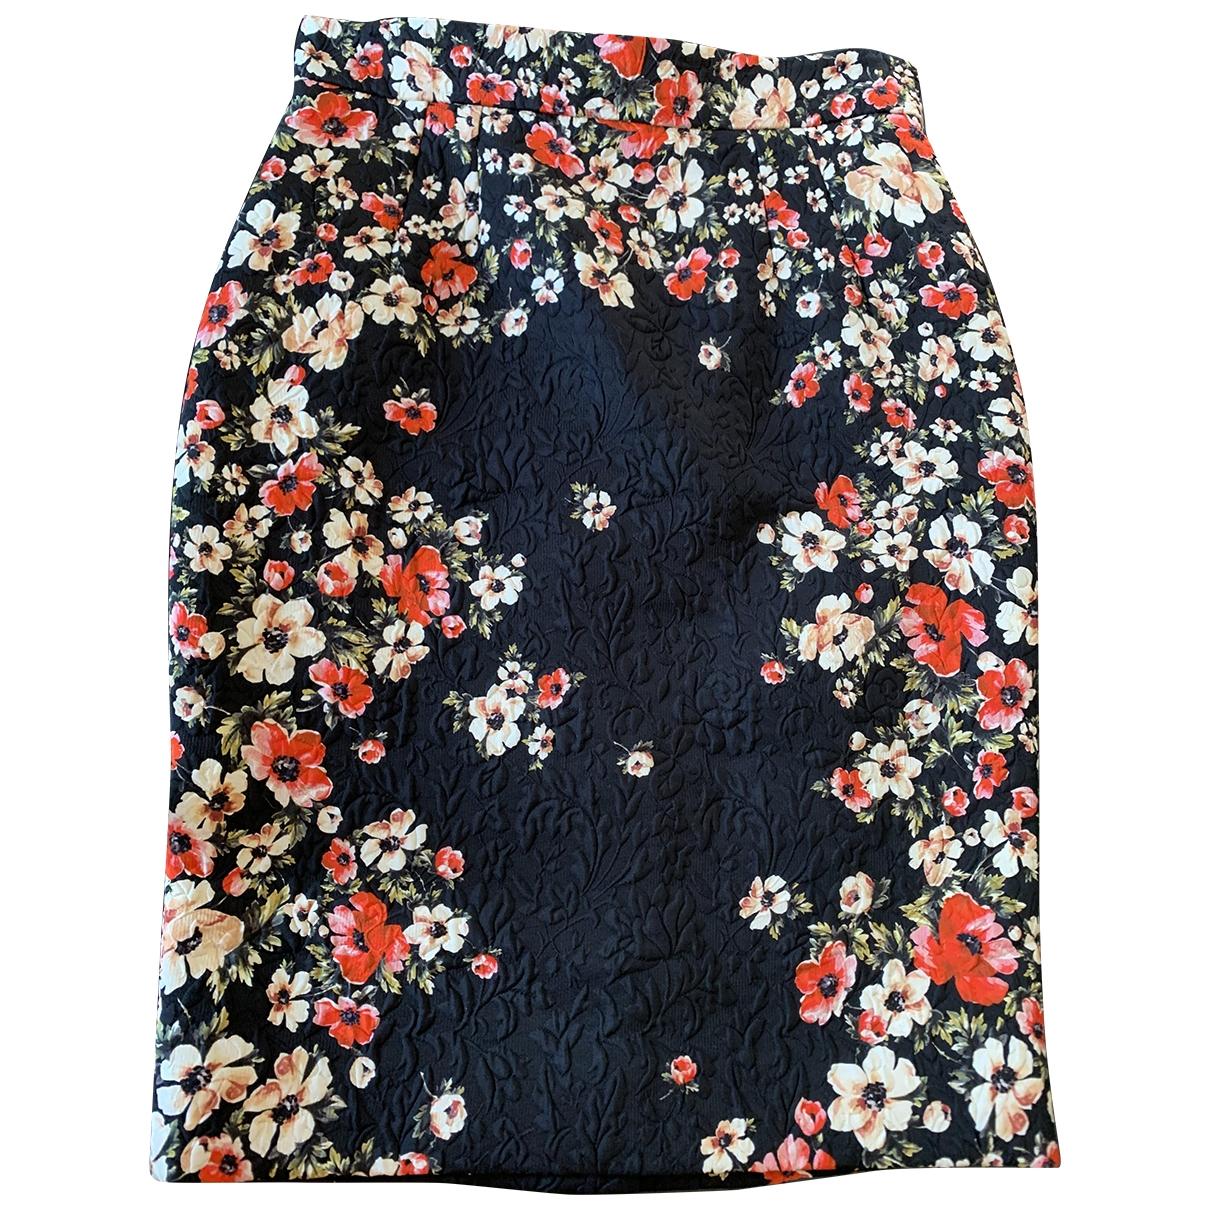 Dolce & Gabbana \N Black skirt for Women 46 IT